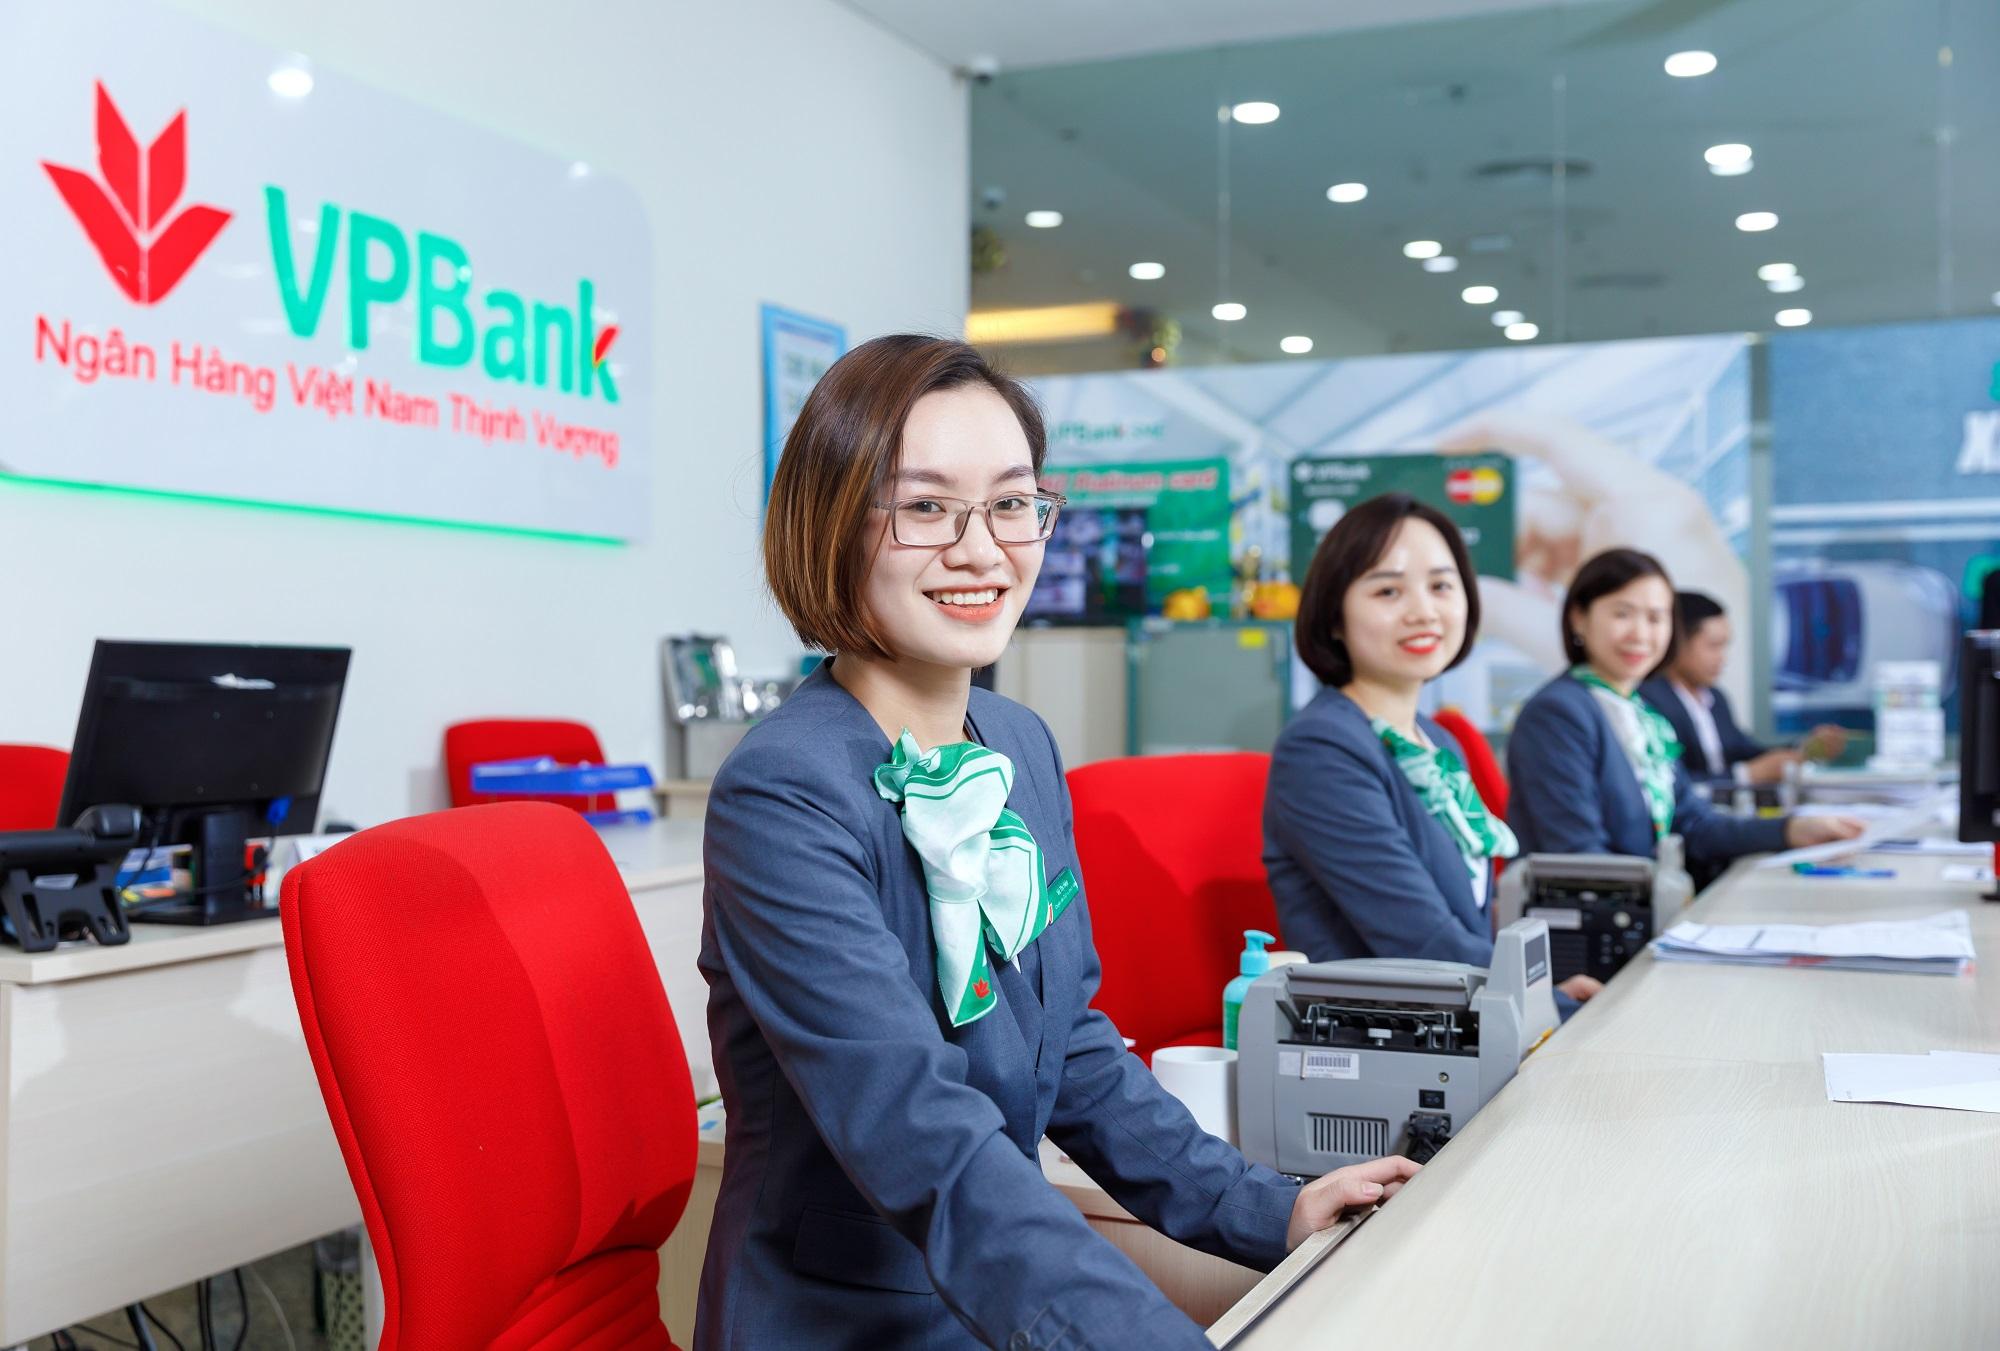 Lợi nhuận VPBank đạt 4.000 tỷ đồng, tăng trưởng vượt kế hoạch trong quý đầu năm - Ảnh 3.